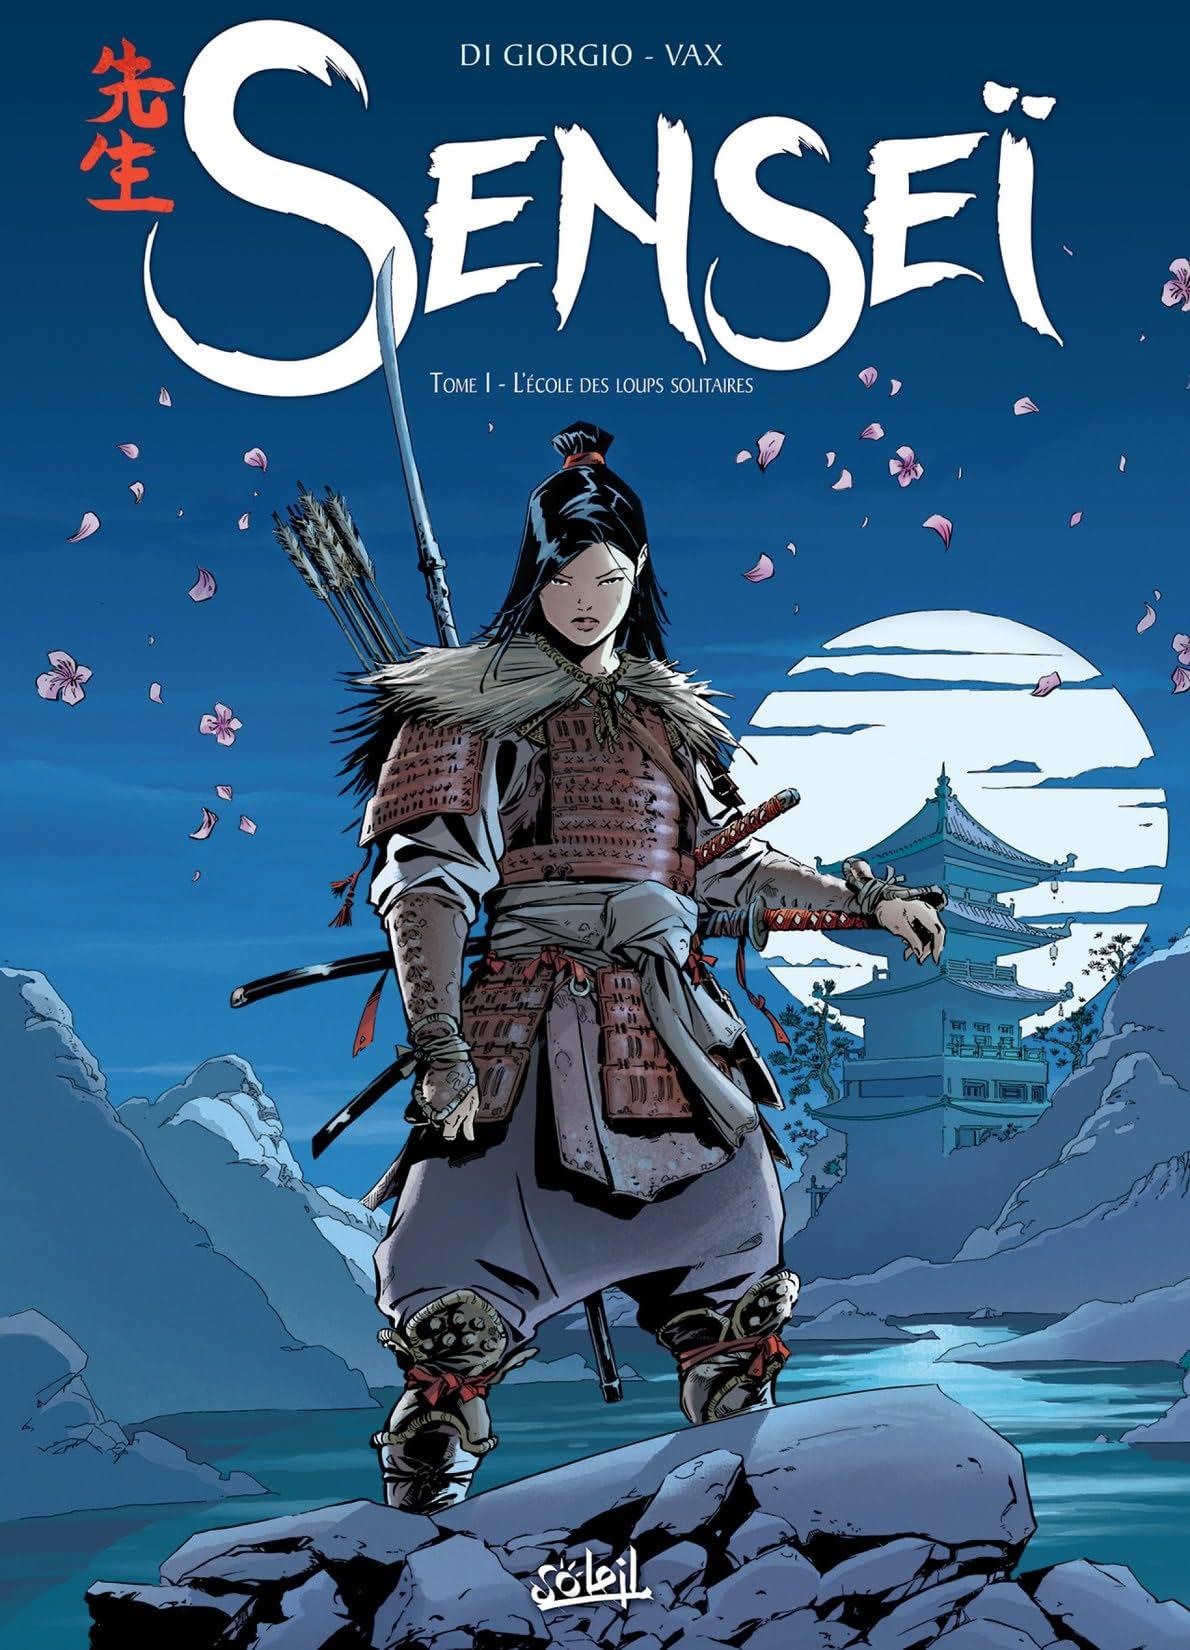 Sensei Vol. 1: L'École des Loups solitaires